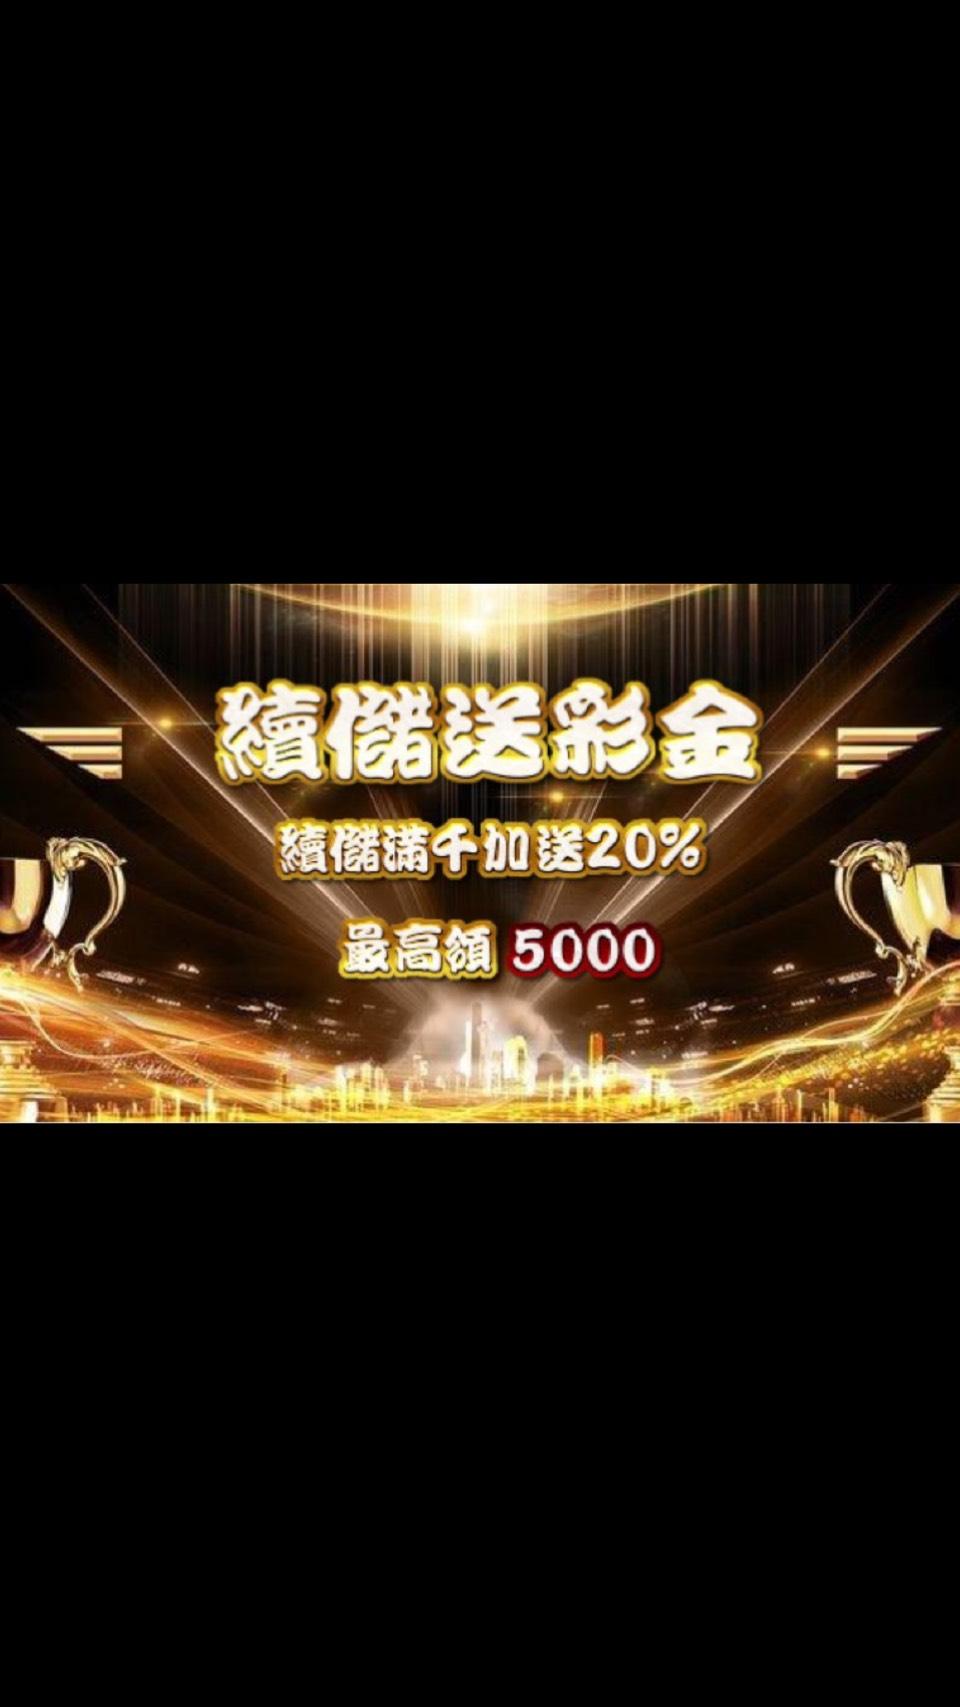 尊享國際娛樂城真心為你服務網址zx005.zx88188.net